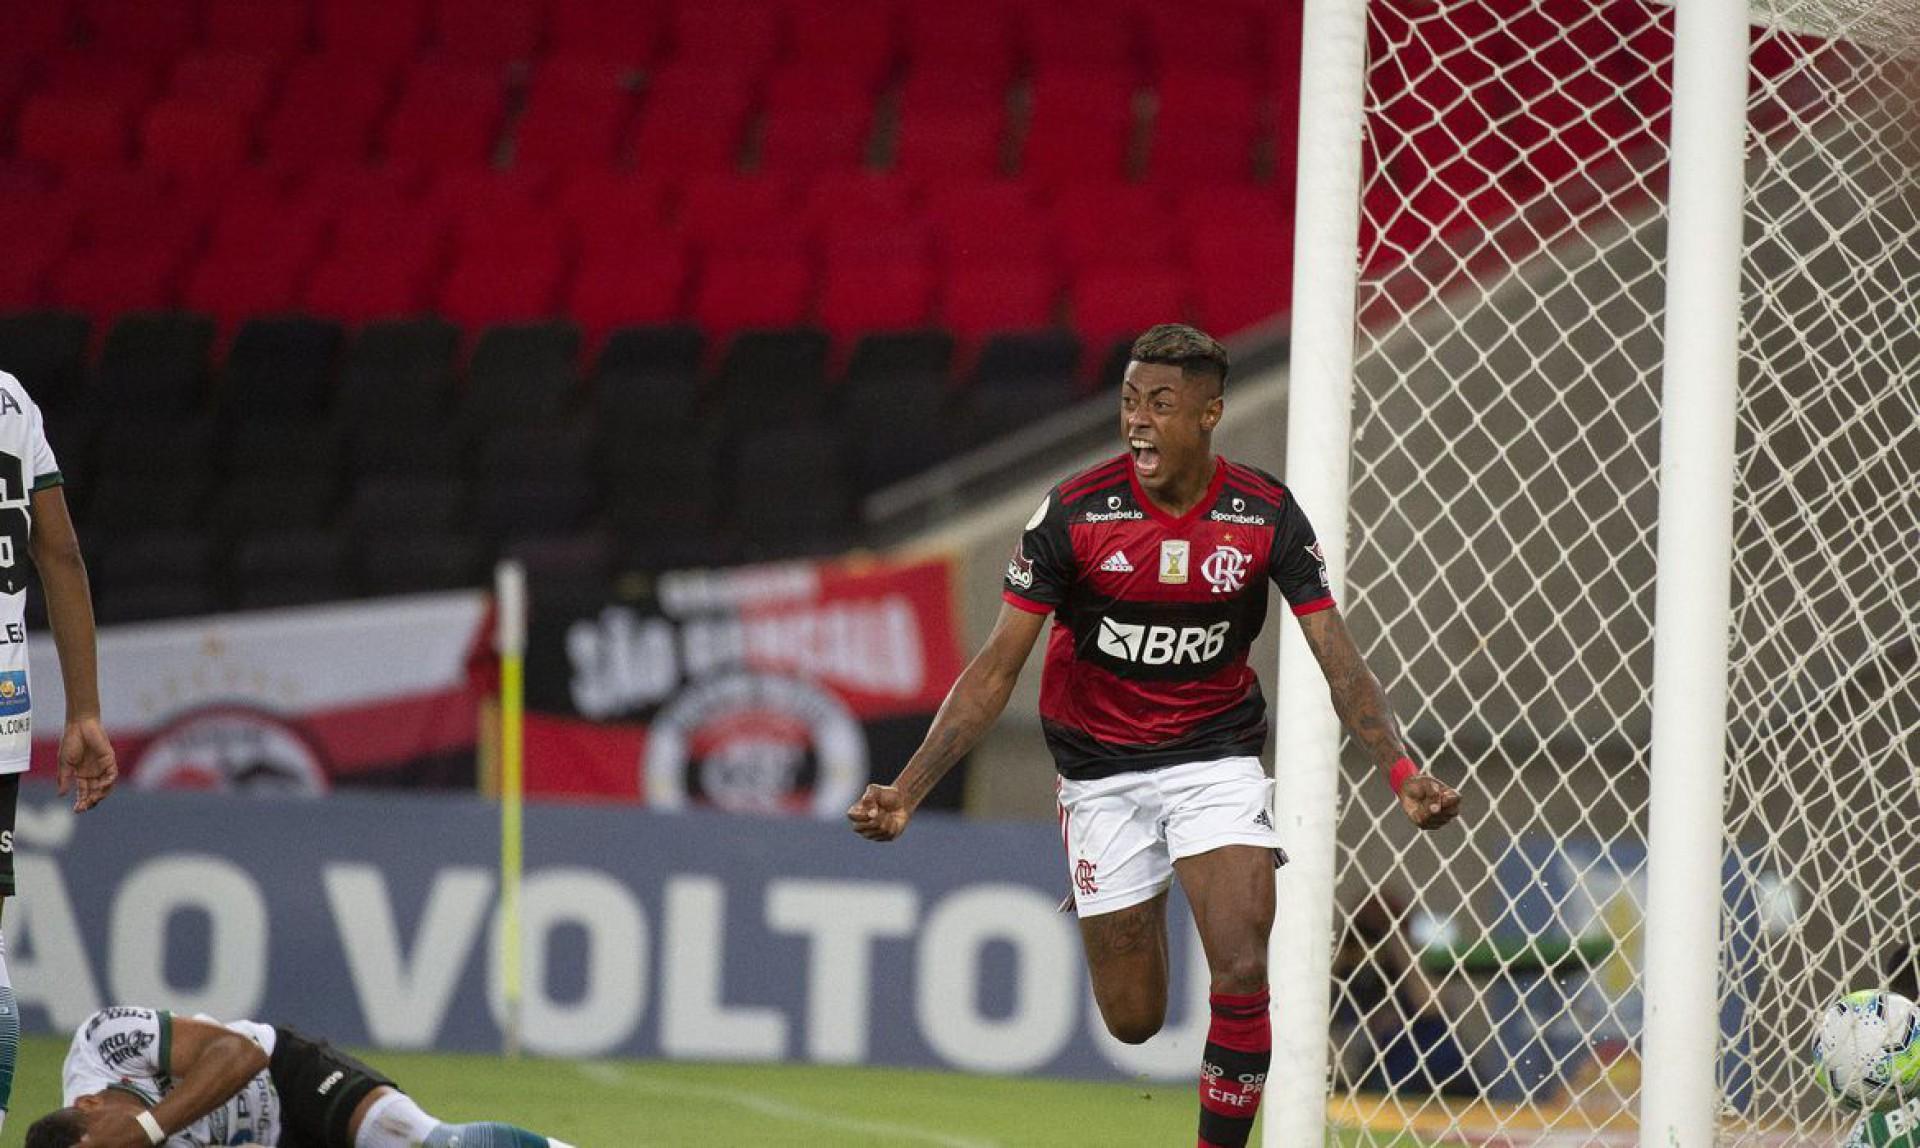 Coritiba X Flamengo Ao Vivo Onde Assistir A Transmissao E Horario Futebol Esportes O Povo